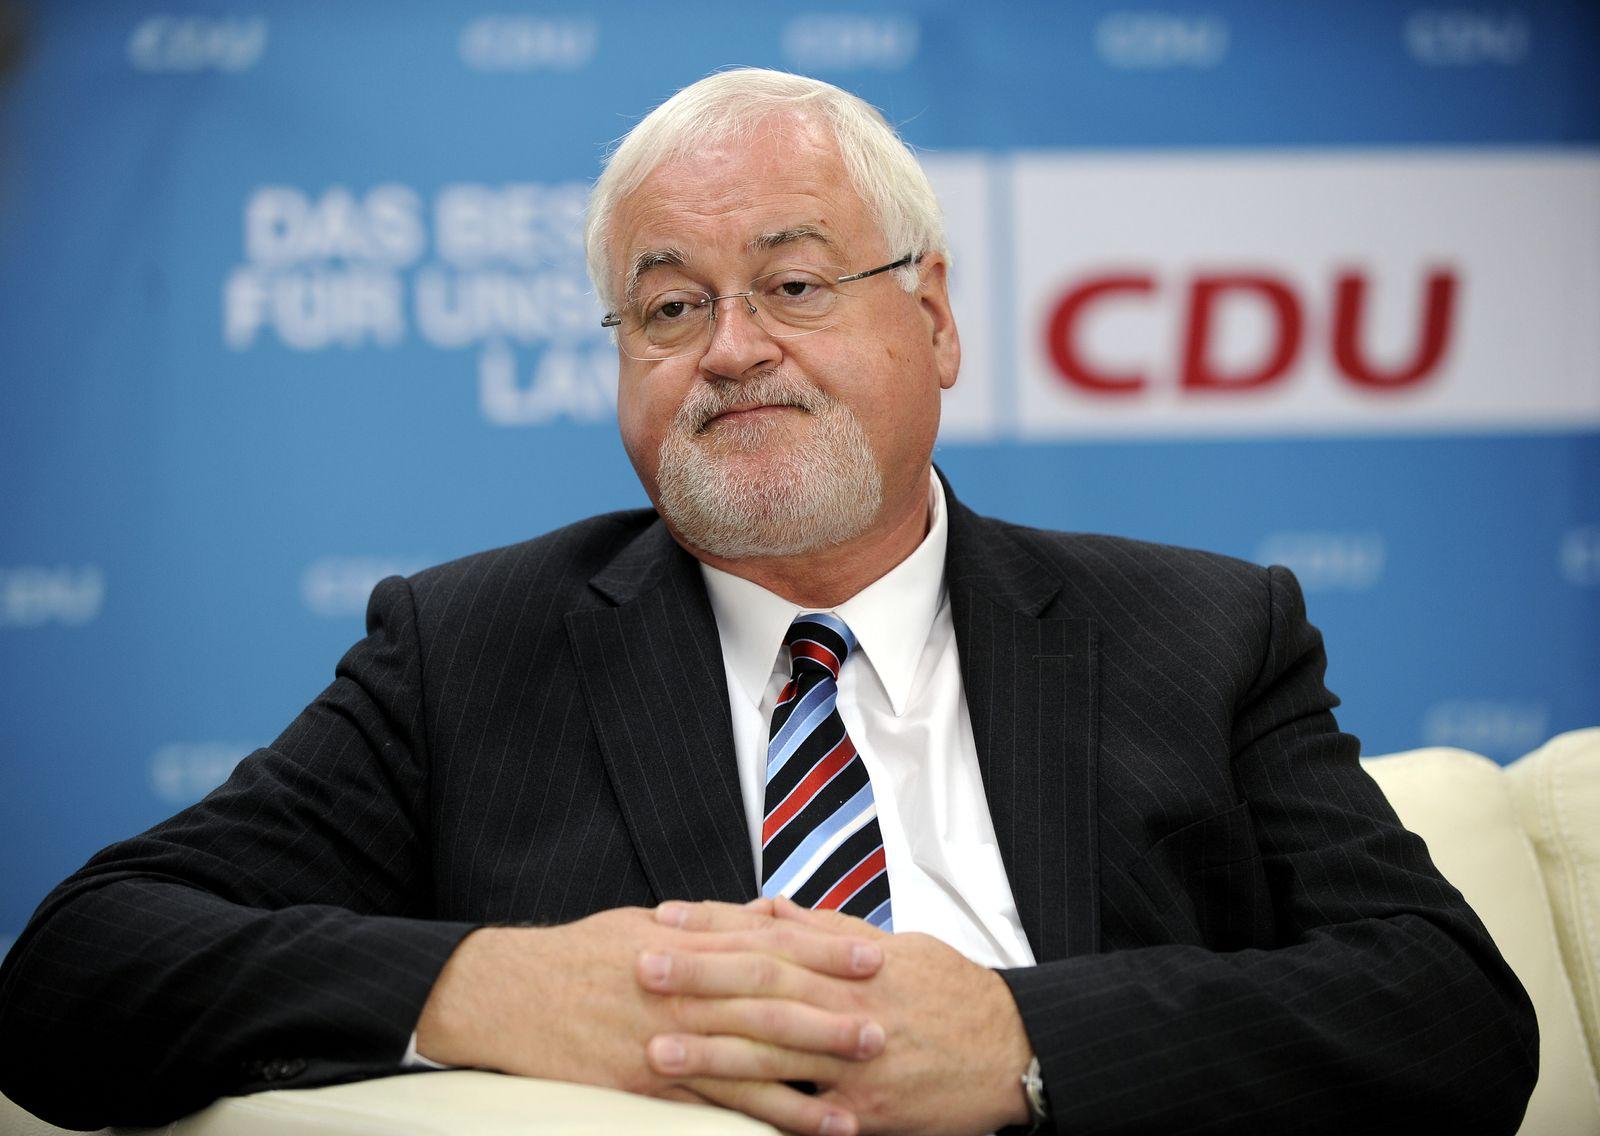 NICHT VERWENDEN Landesverfassungsgericht entscheidet ueber Gueltigkeit von Schleswig-Holsteins Landtagswahl